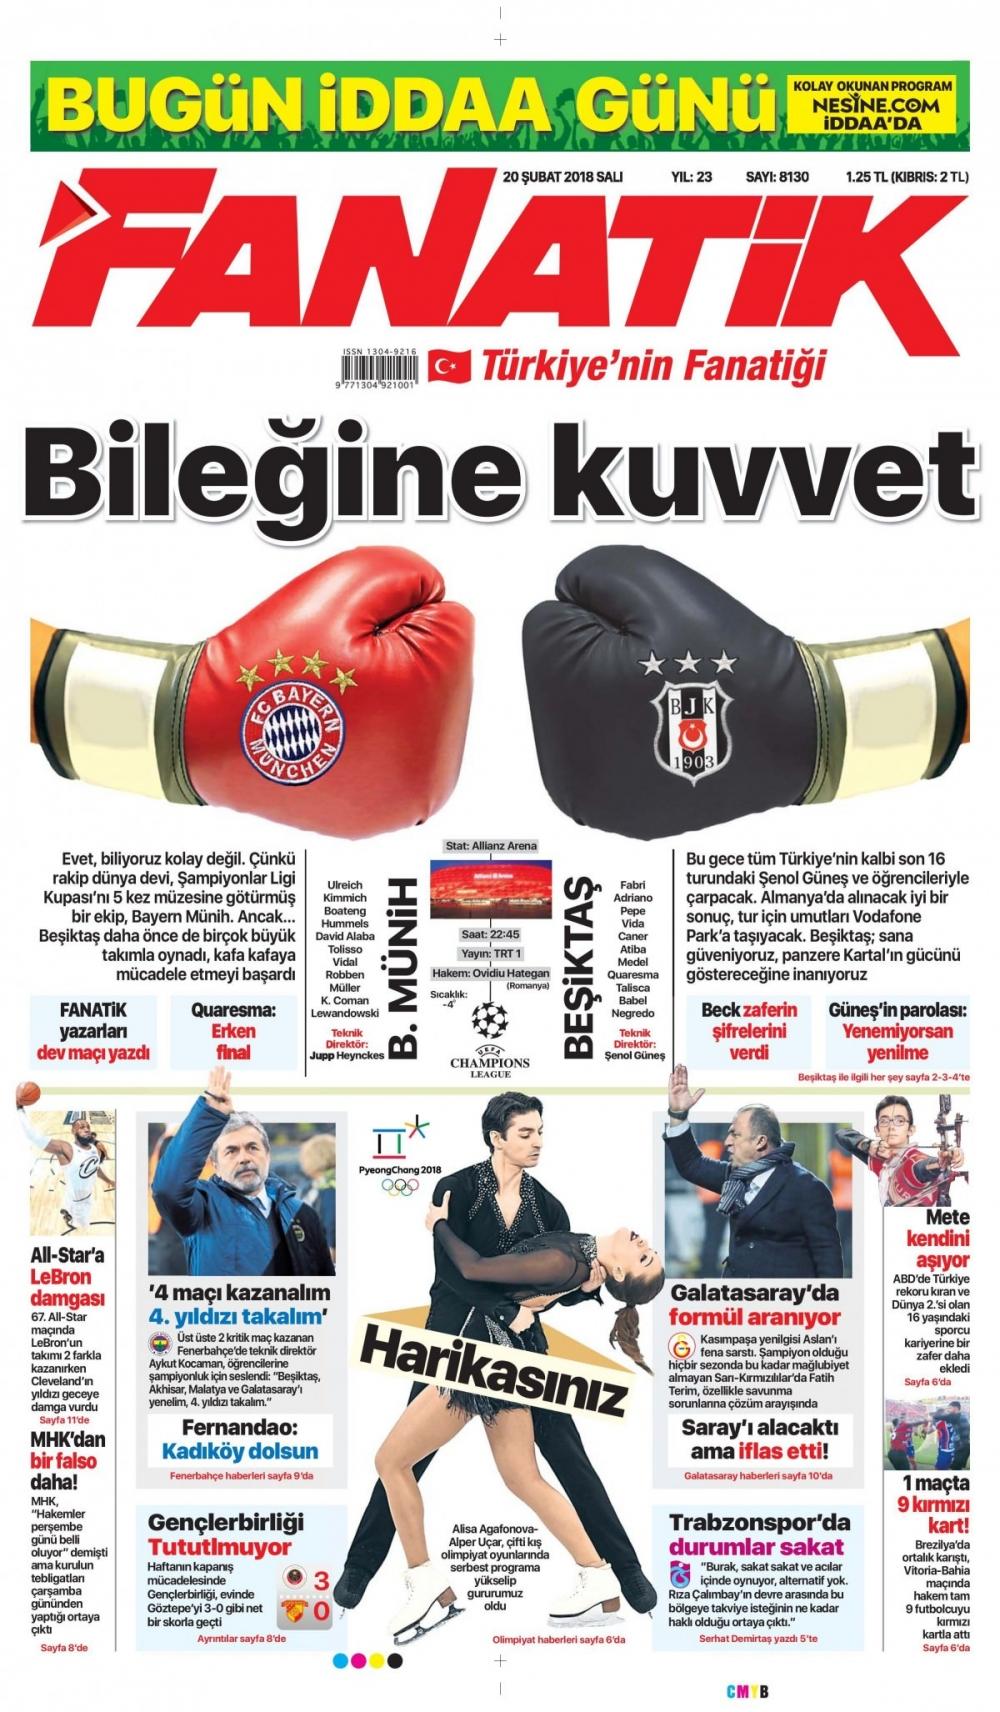 Günün gazete manşetleri (20 Şubat 2018) 1